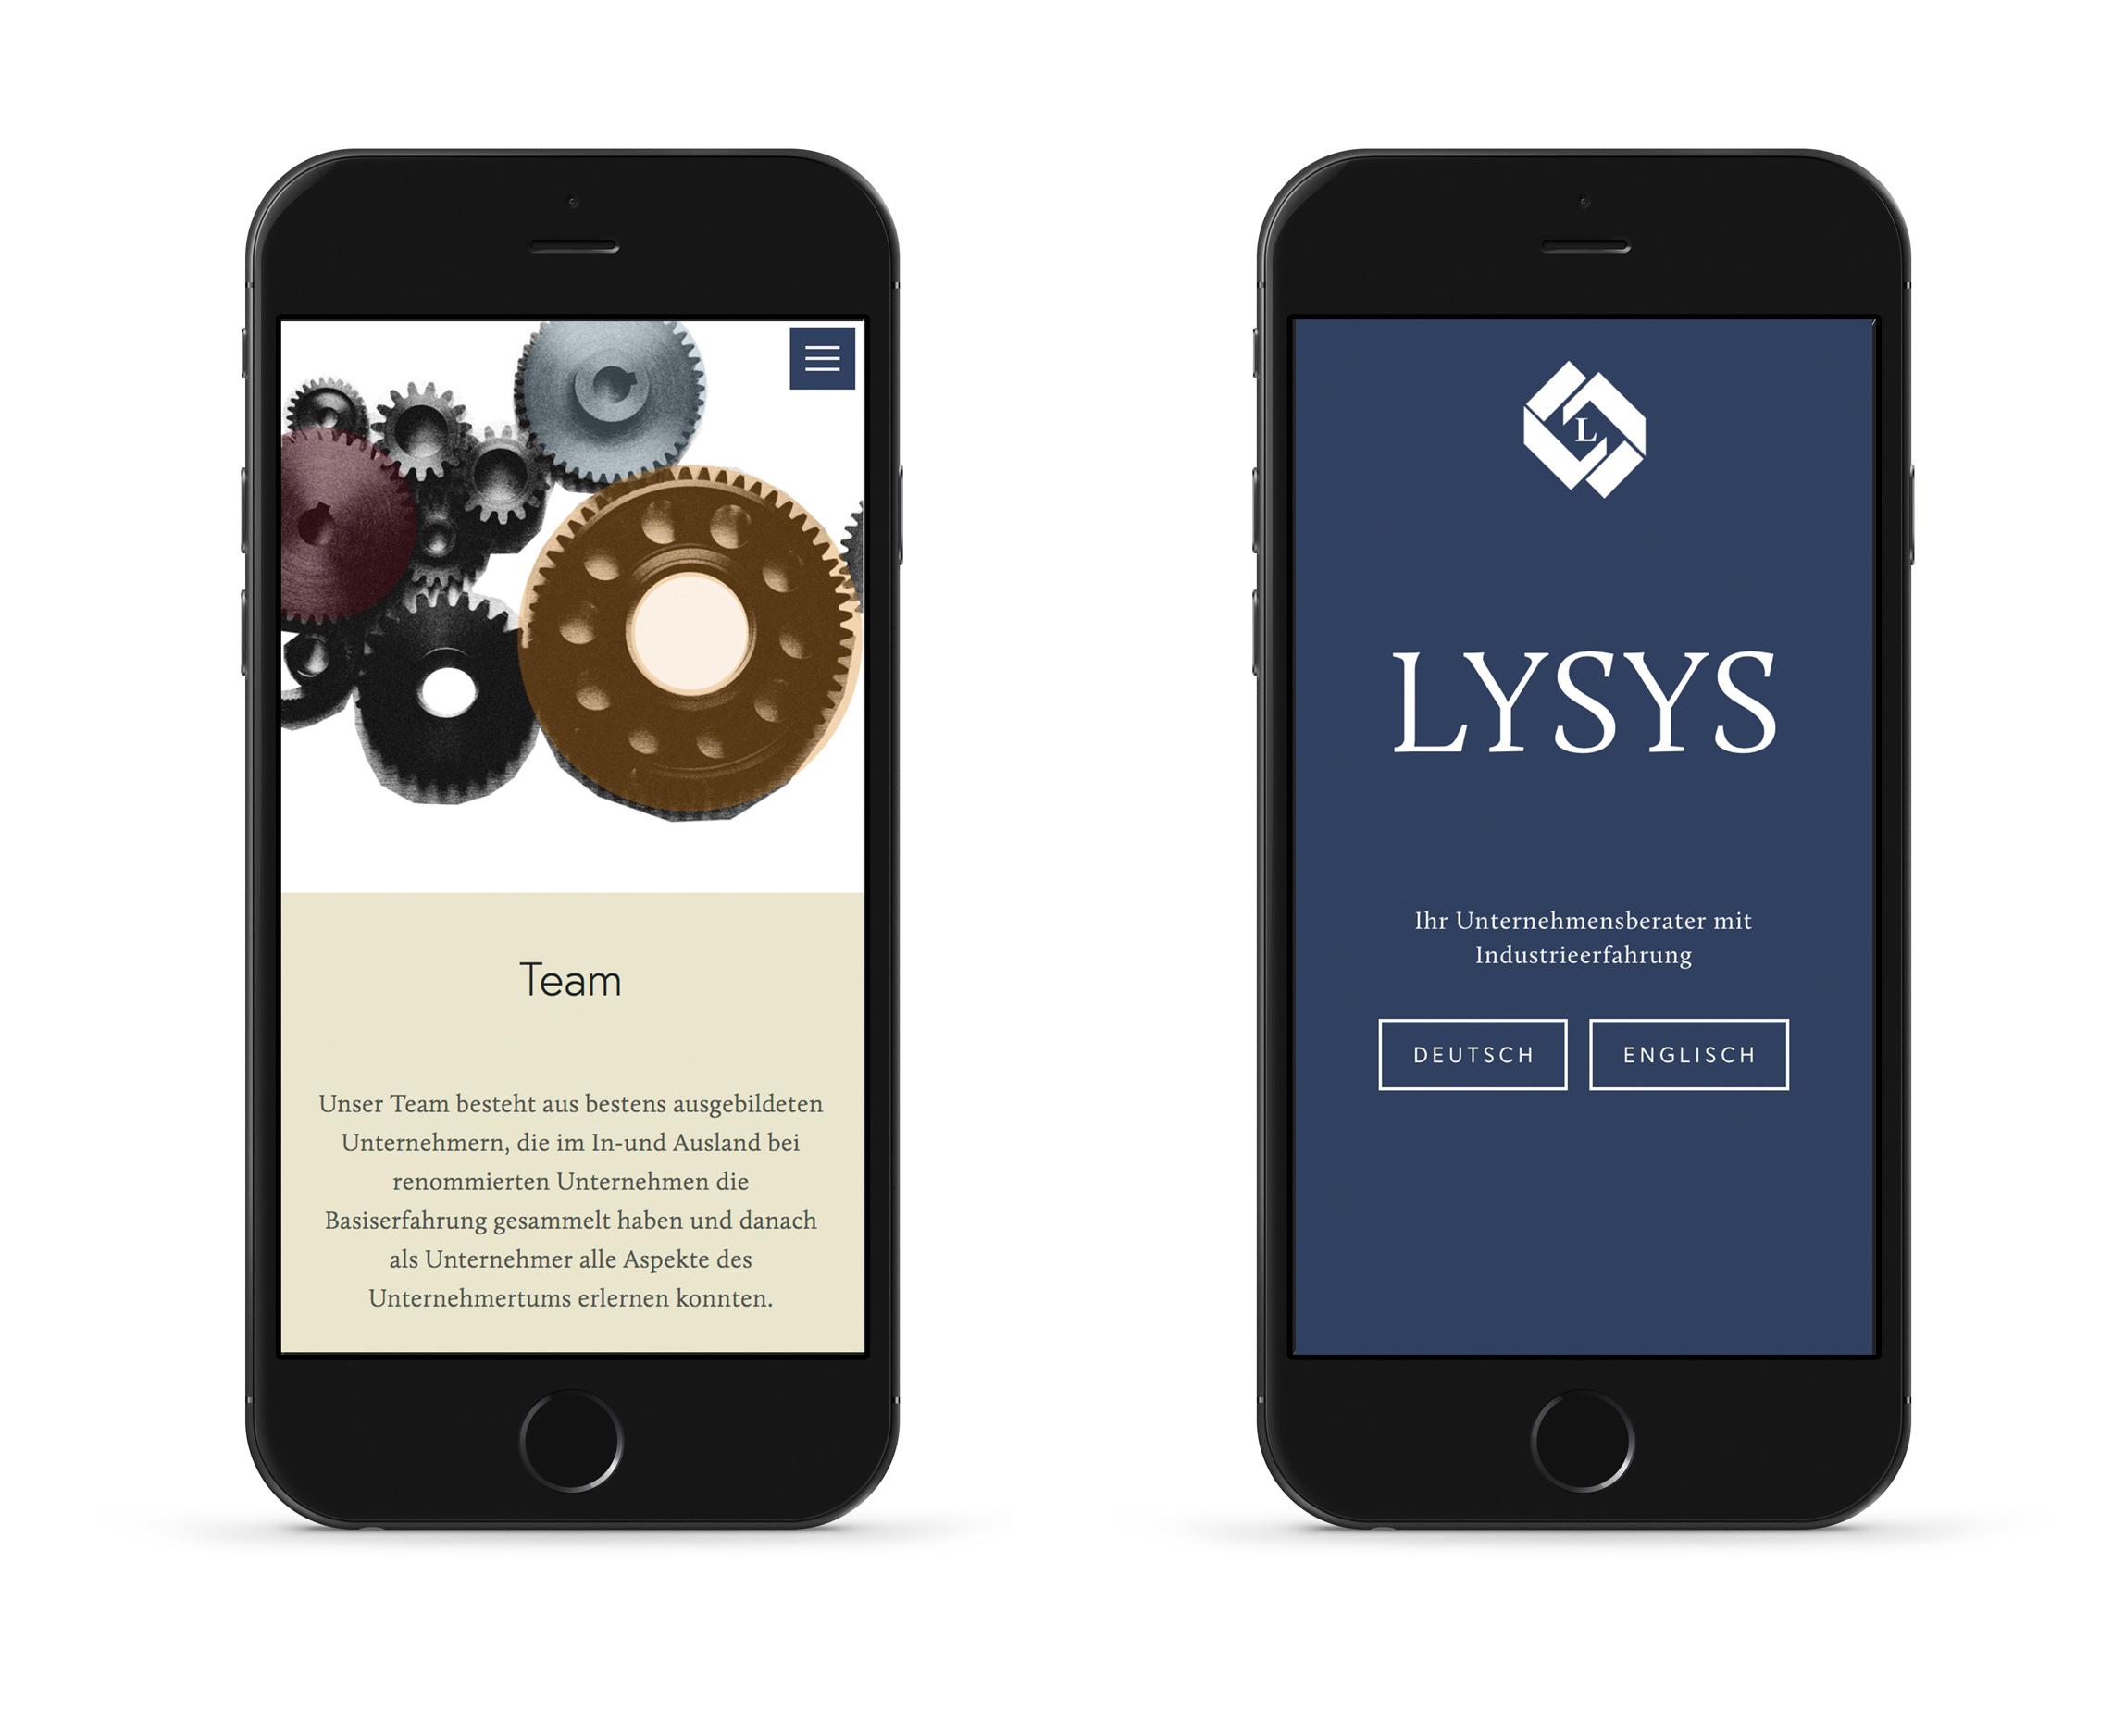 lysys9.jpg